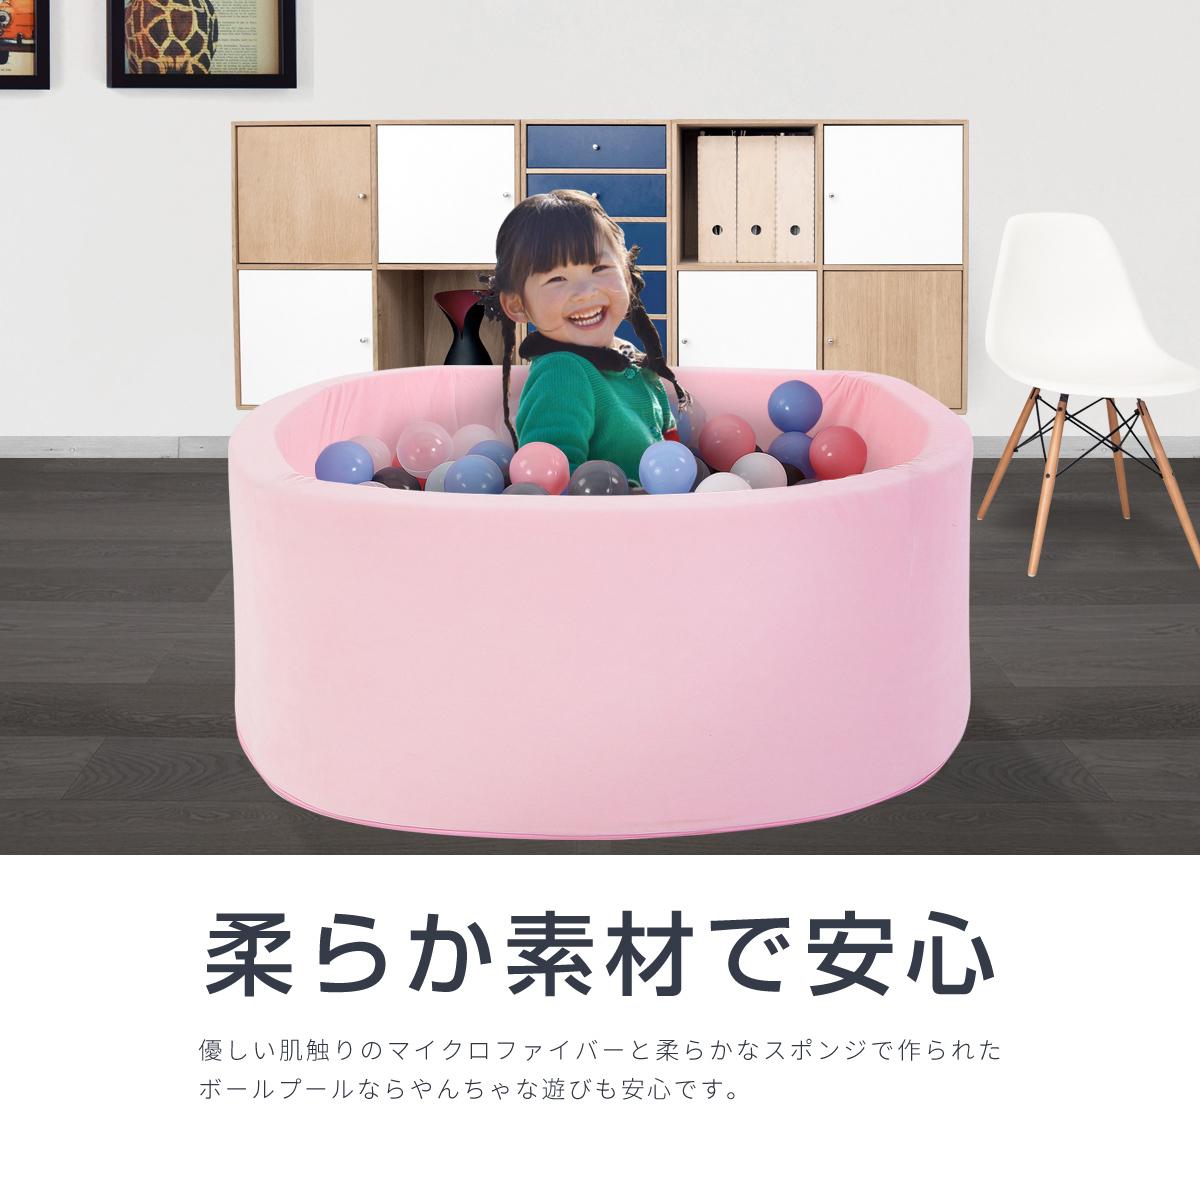 ボールハウス ボールプール キッズプレイ 高さ33cm×直径90cm 選べる3色知育玩具 遊具 柔らかい ふわふわ マイクロファイバー製 あす楽対応 @85423